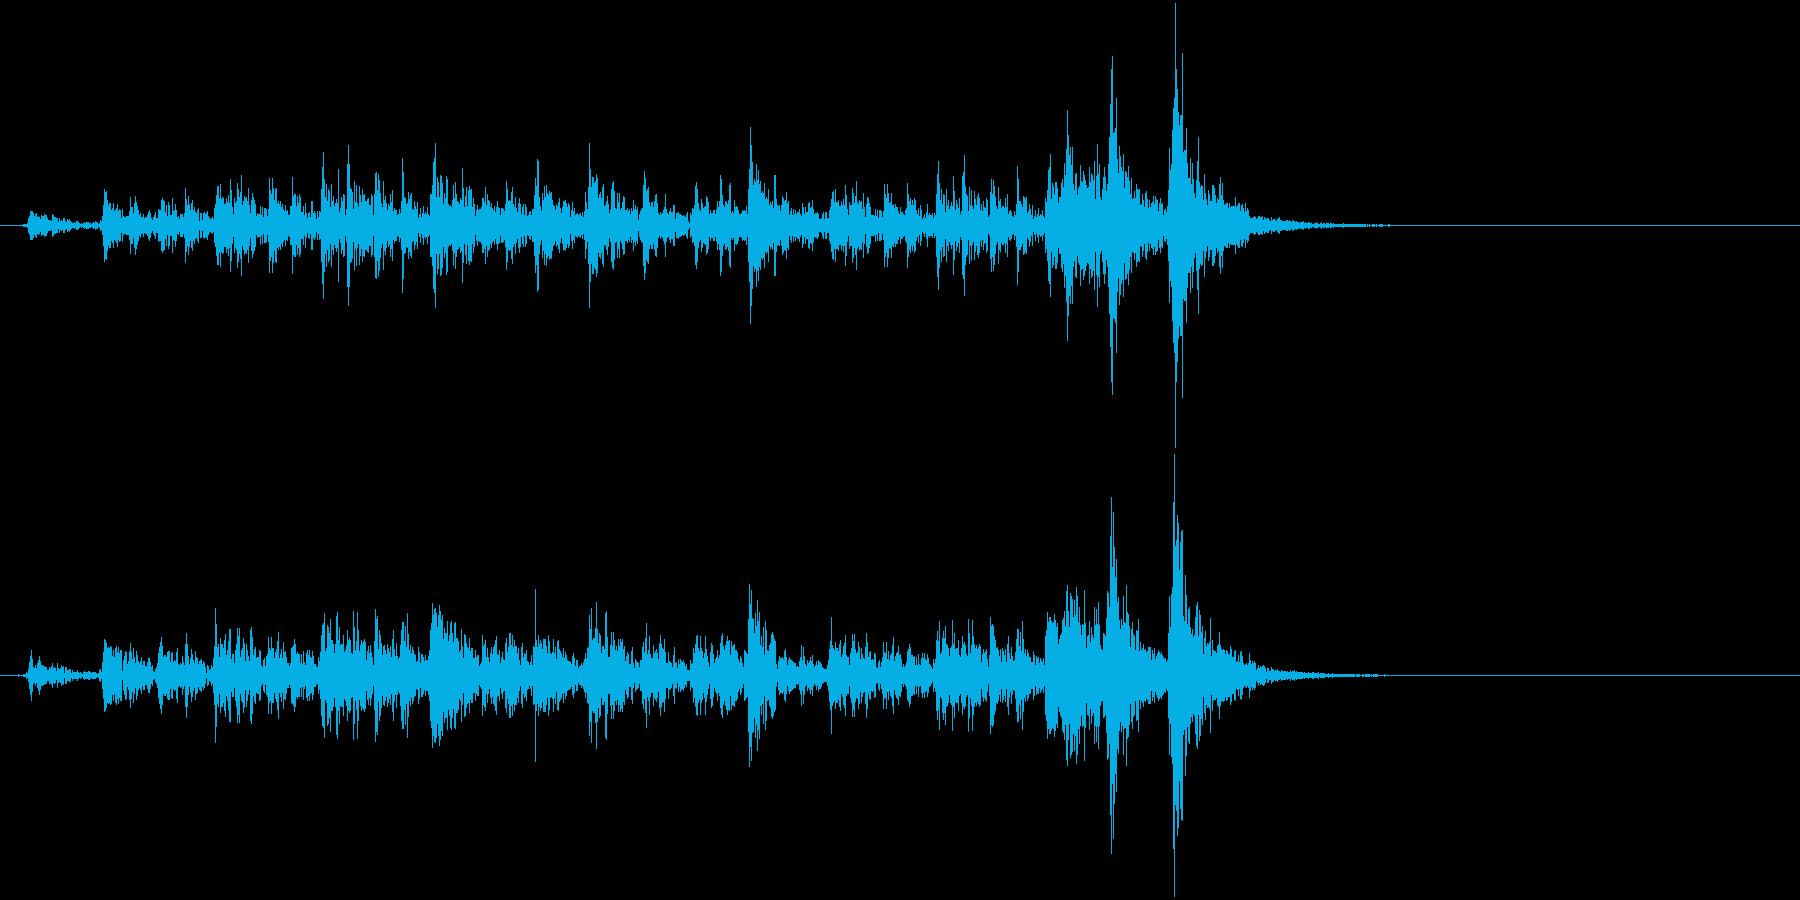 「ドドド・・」歌舞伎などの足拍子の連打音の再生済みの波形